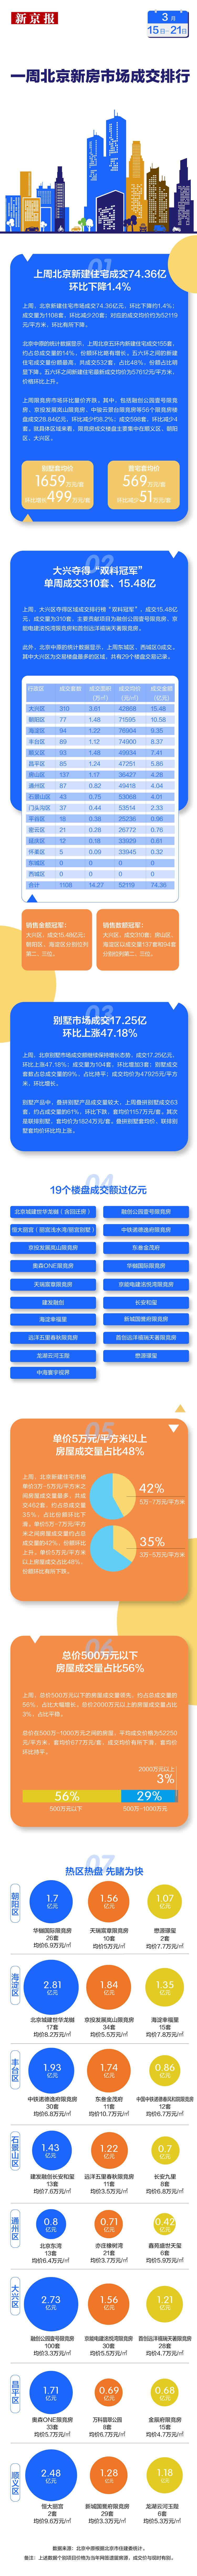 """上周,北京新住宅市场交易回落到大兴区,获得""""双冠军"""""""